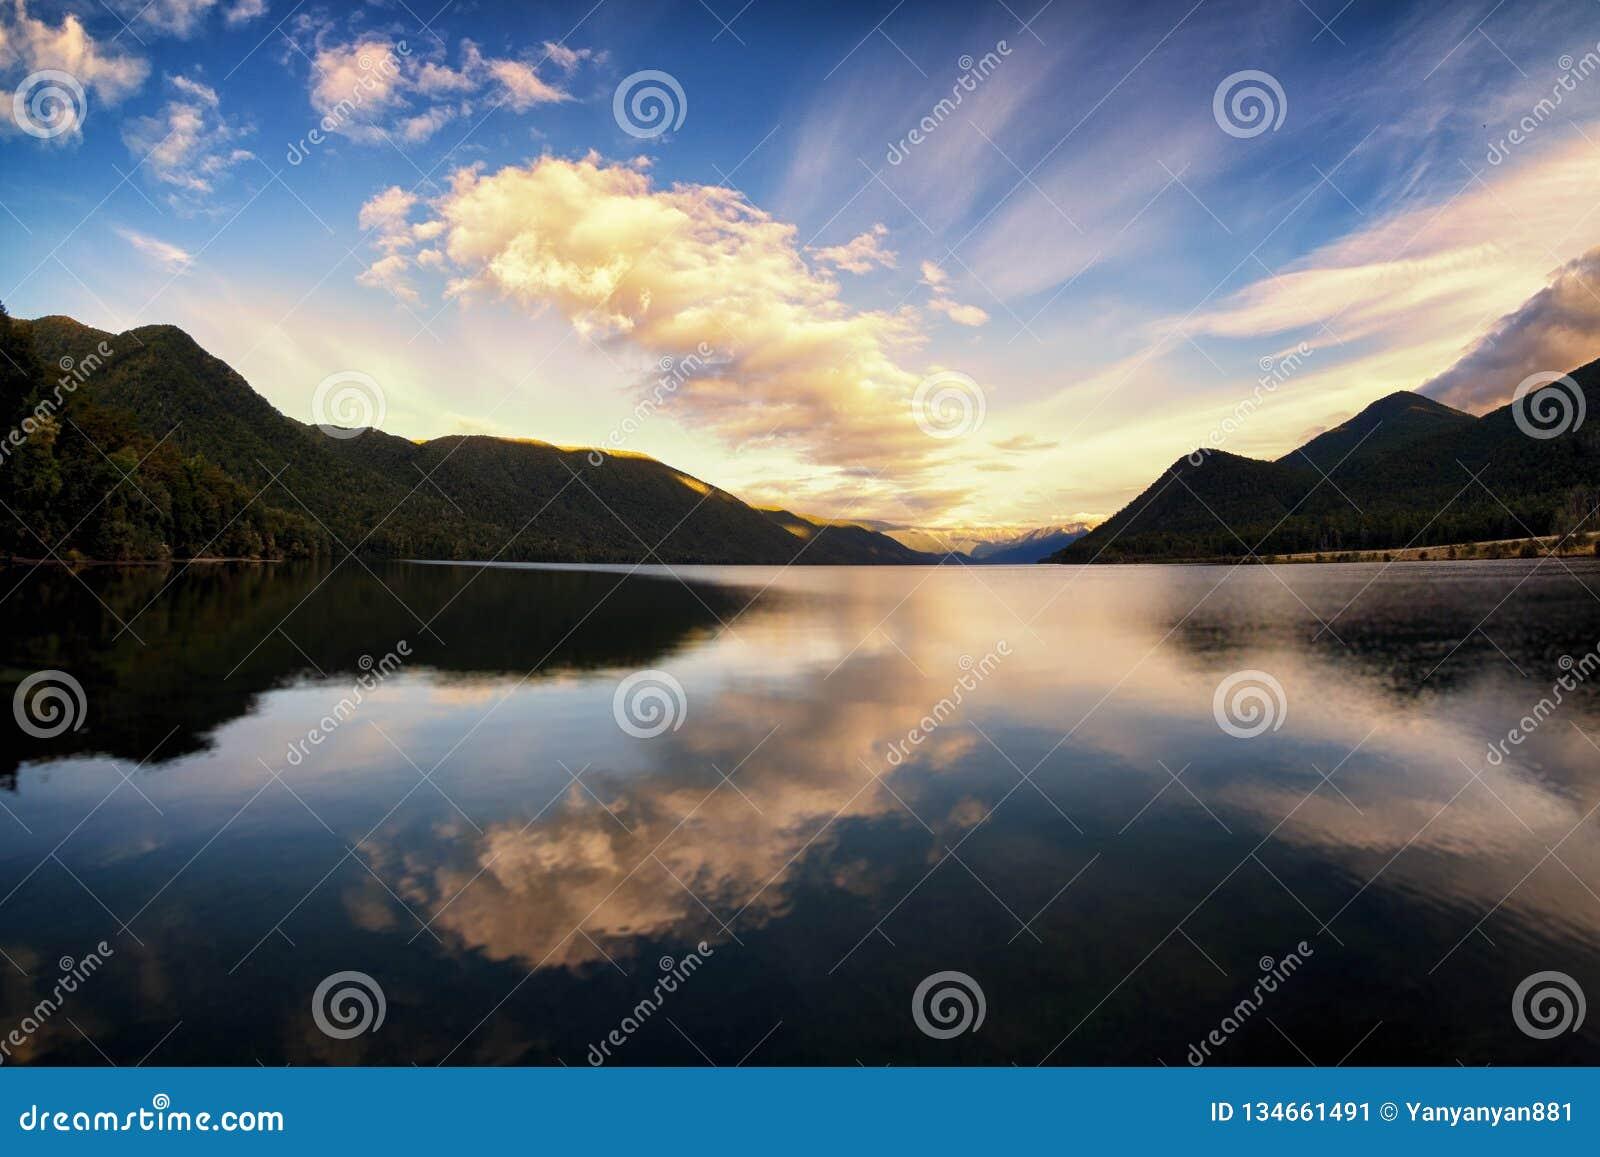 湖和剧烈的云彩的平安和镇定的图象